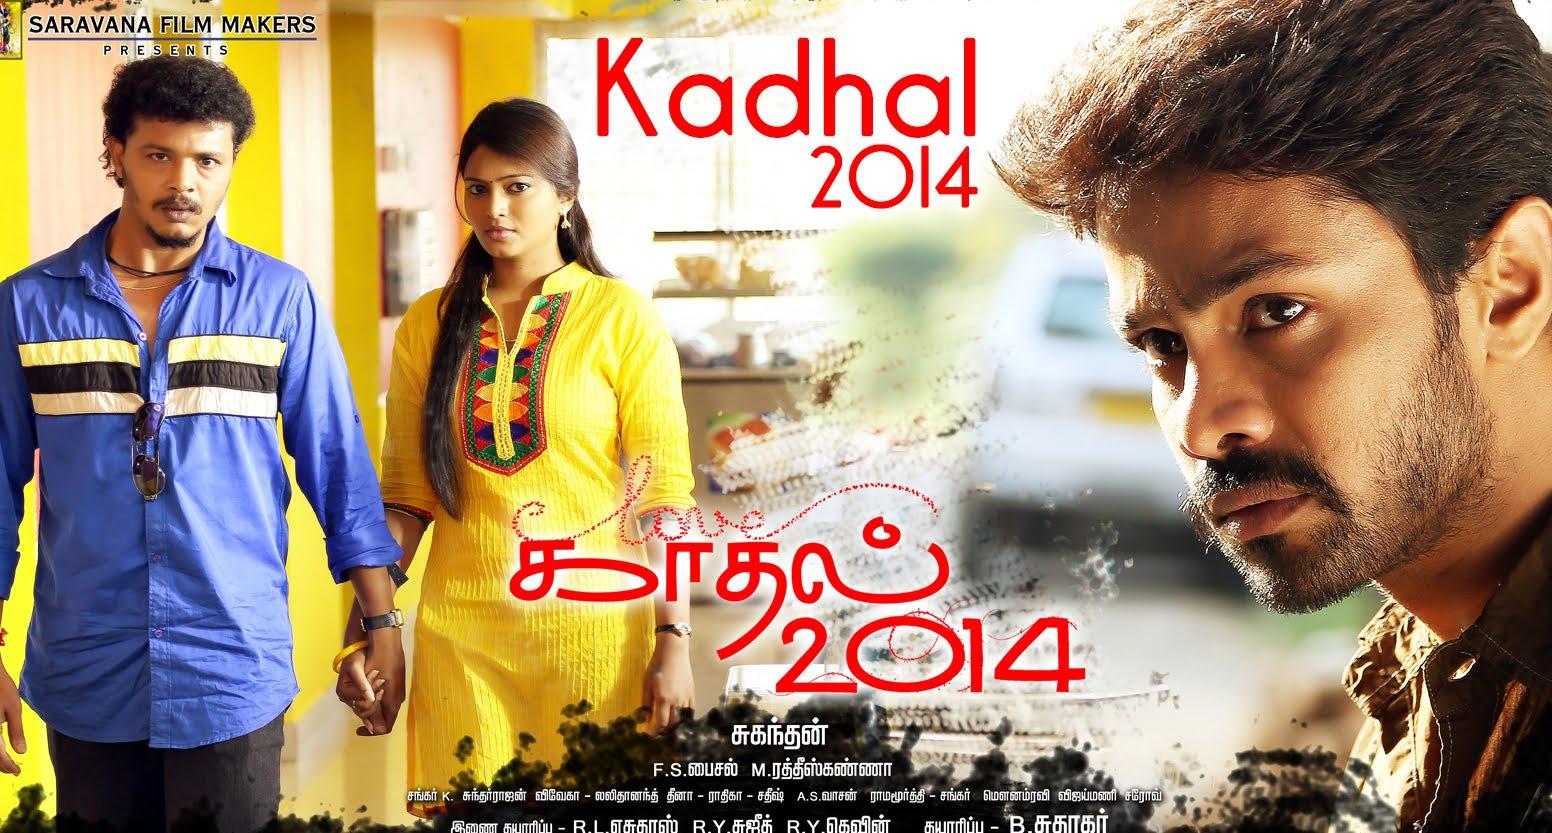 Tamil New & HD Movies. Saranalayam DVDScr. 2 days ago 683 1 0. Nimir Tamil  HQ DVDScr. 3 days ago 11,160 1 0. Mannar Vagaiyara Tamil DVDScr.